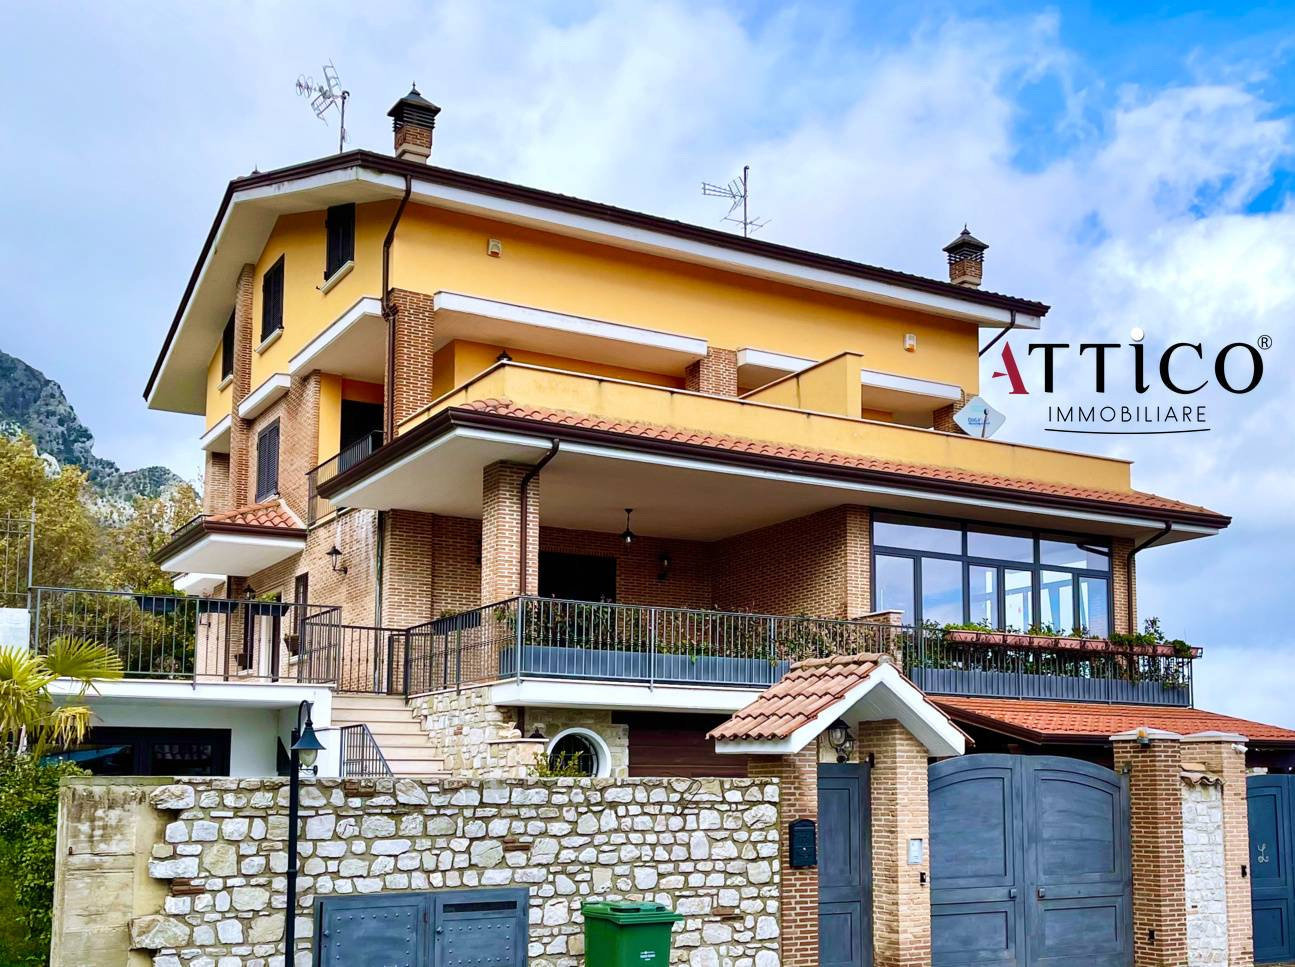 Villa Bifamiliare in vendita a Ospedaletto d'Alpinolo, 8 locali, prezzo € 295.000 | CambioCasa.it